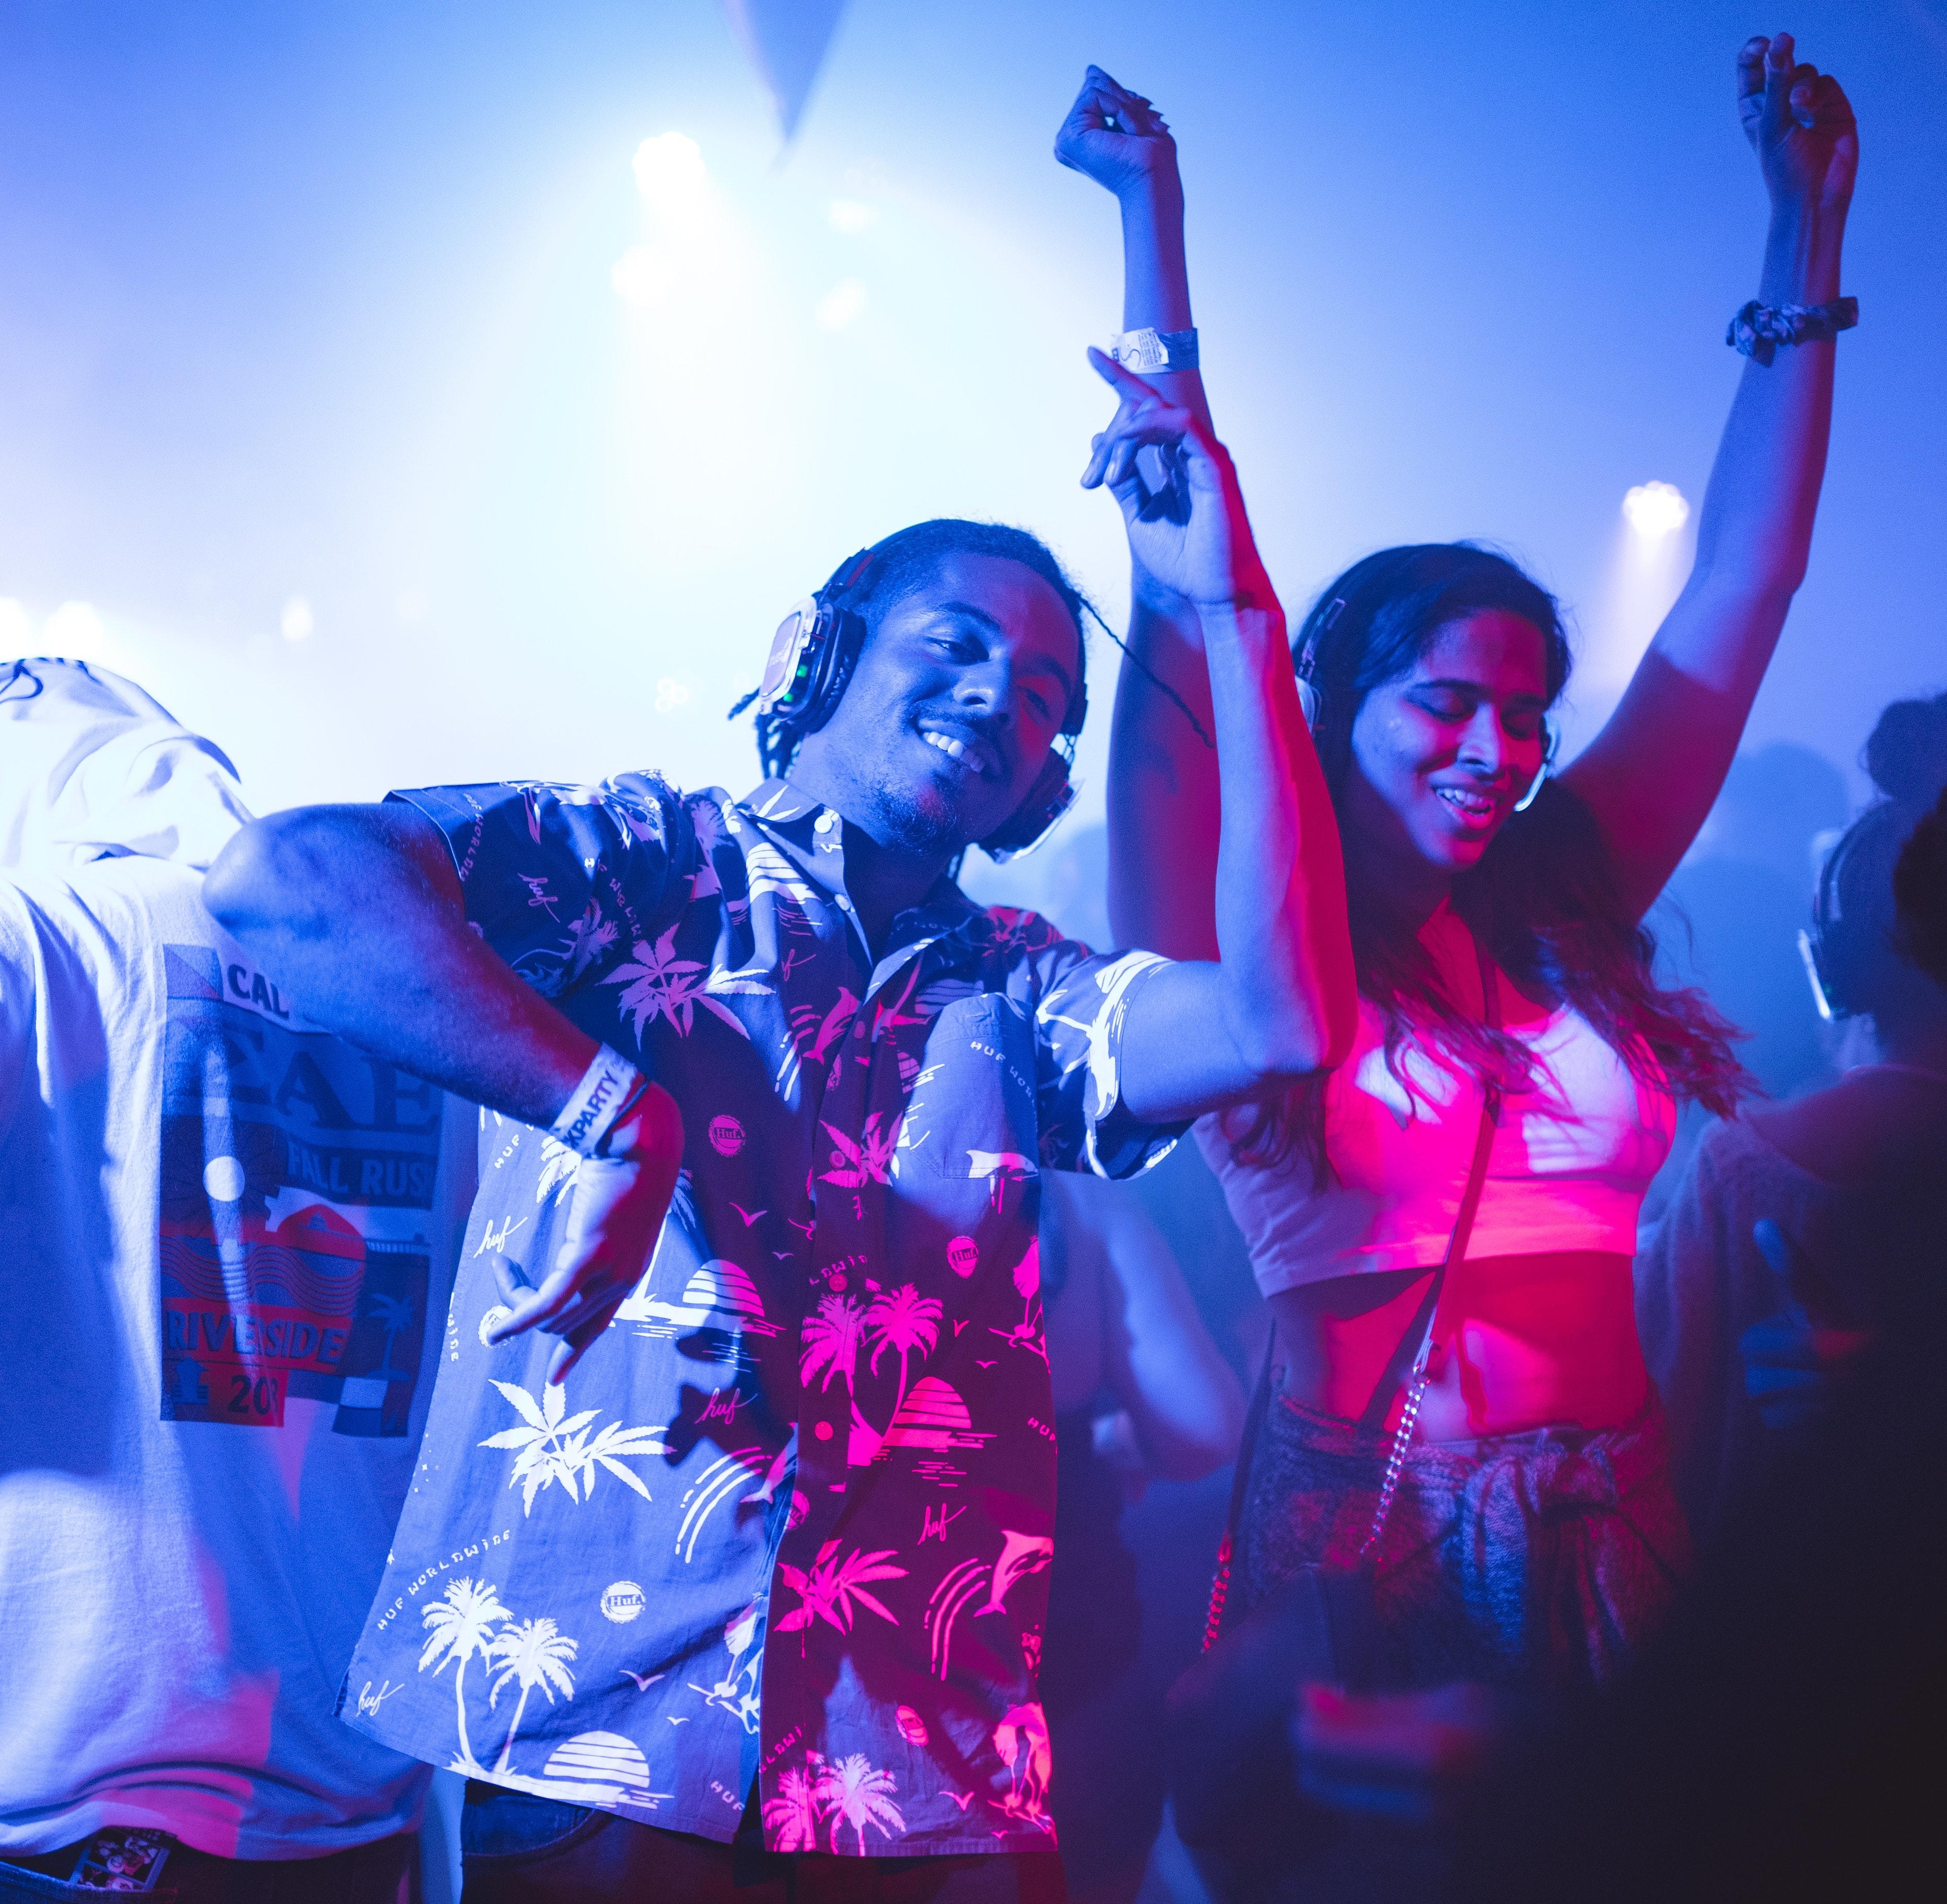 audience-band-celebration-2240771